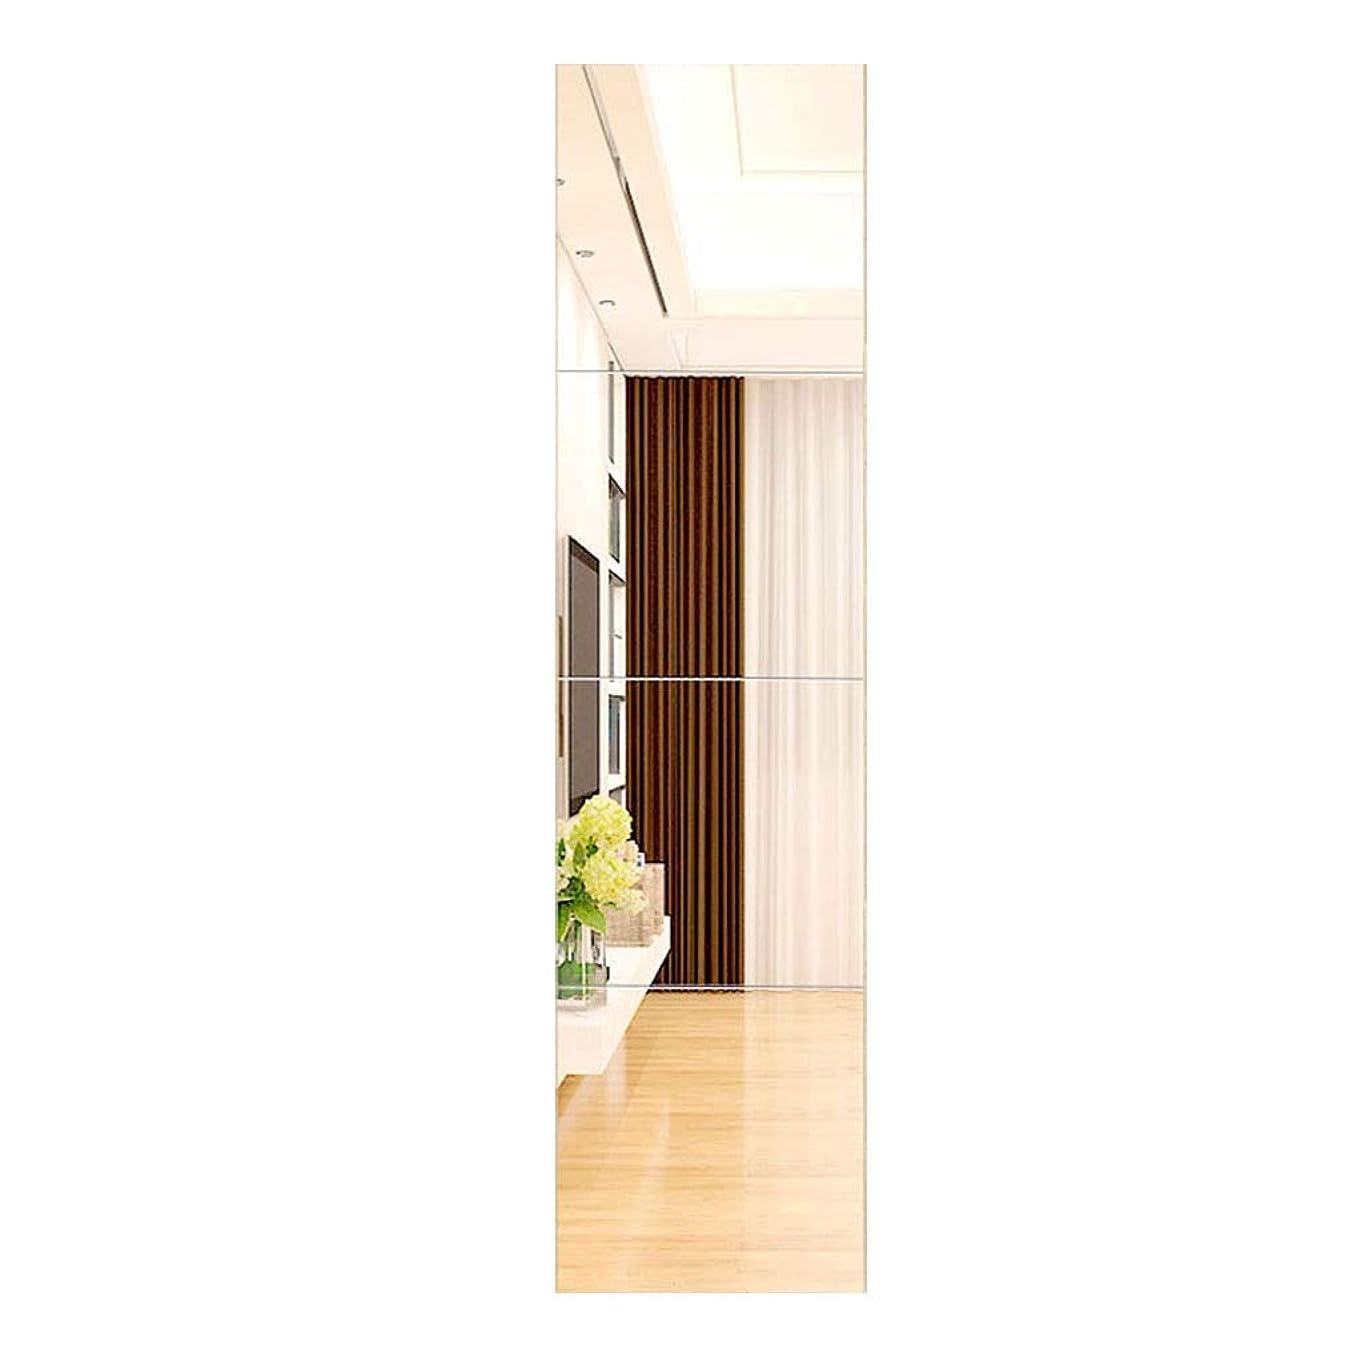 コンペイデオロギーカブTYJ-JP 鏡ガラス鏡フレームレスコンビネーションミラー壁掛けミラー衣料品店用鏡マルチスプライシングミラー鏡付 (Color : Silver, Size : 40*40cm)